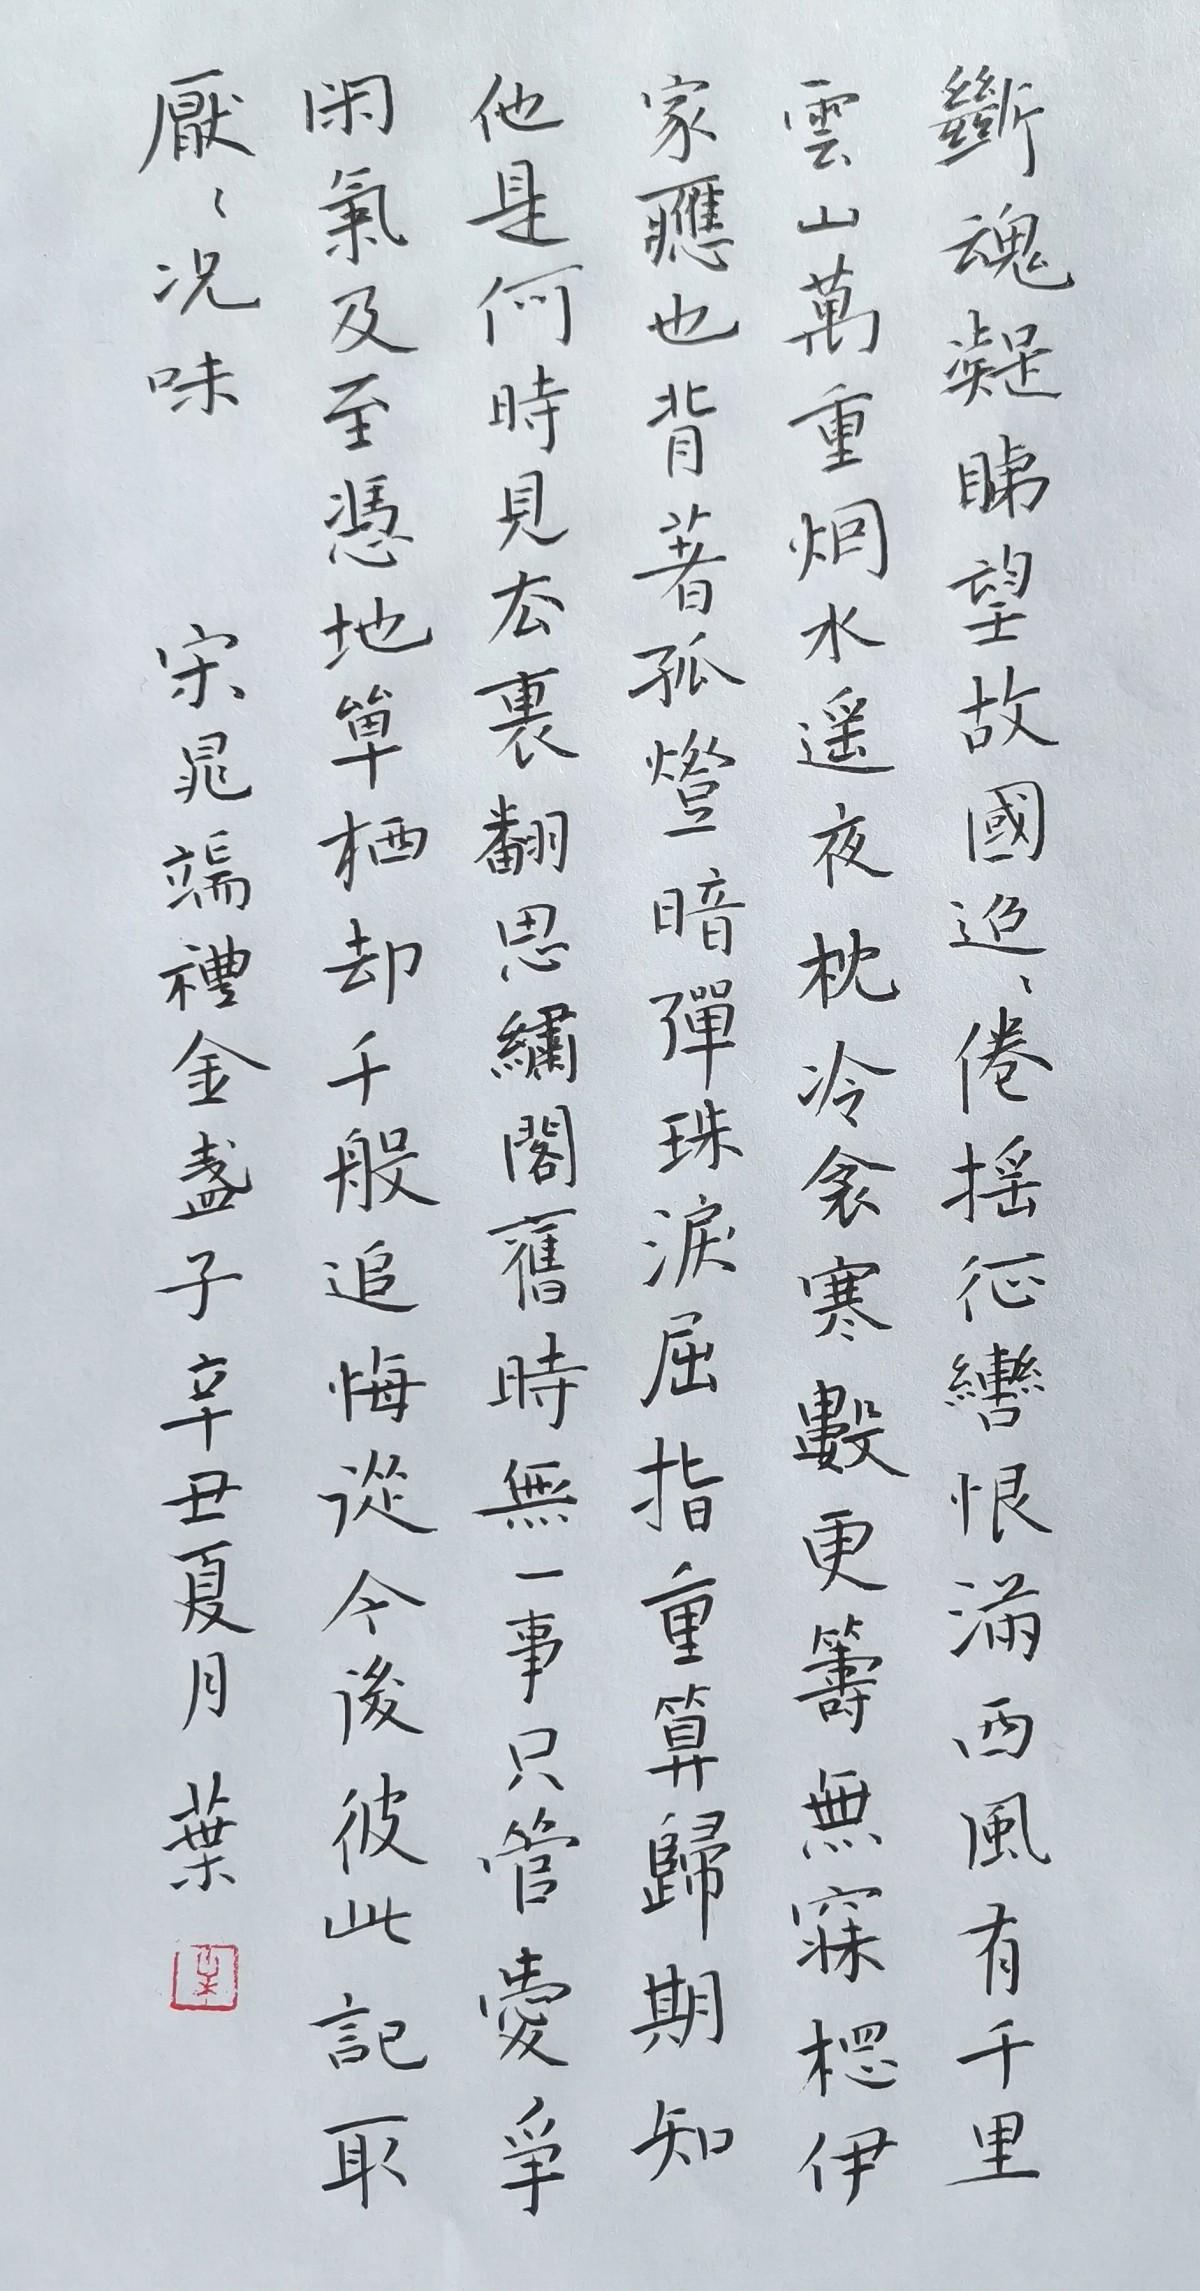 钢笔书法练字打卡20210727-01